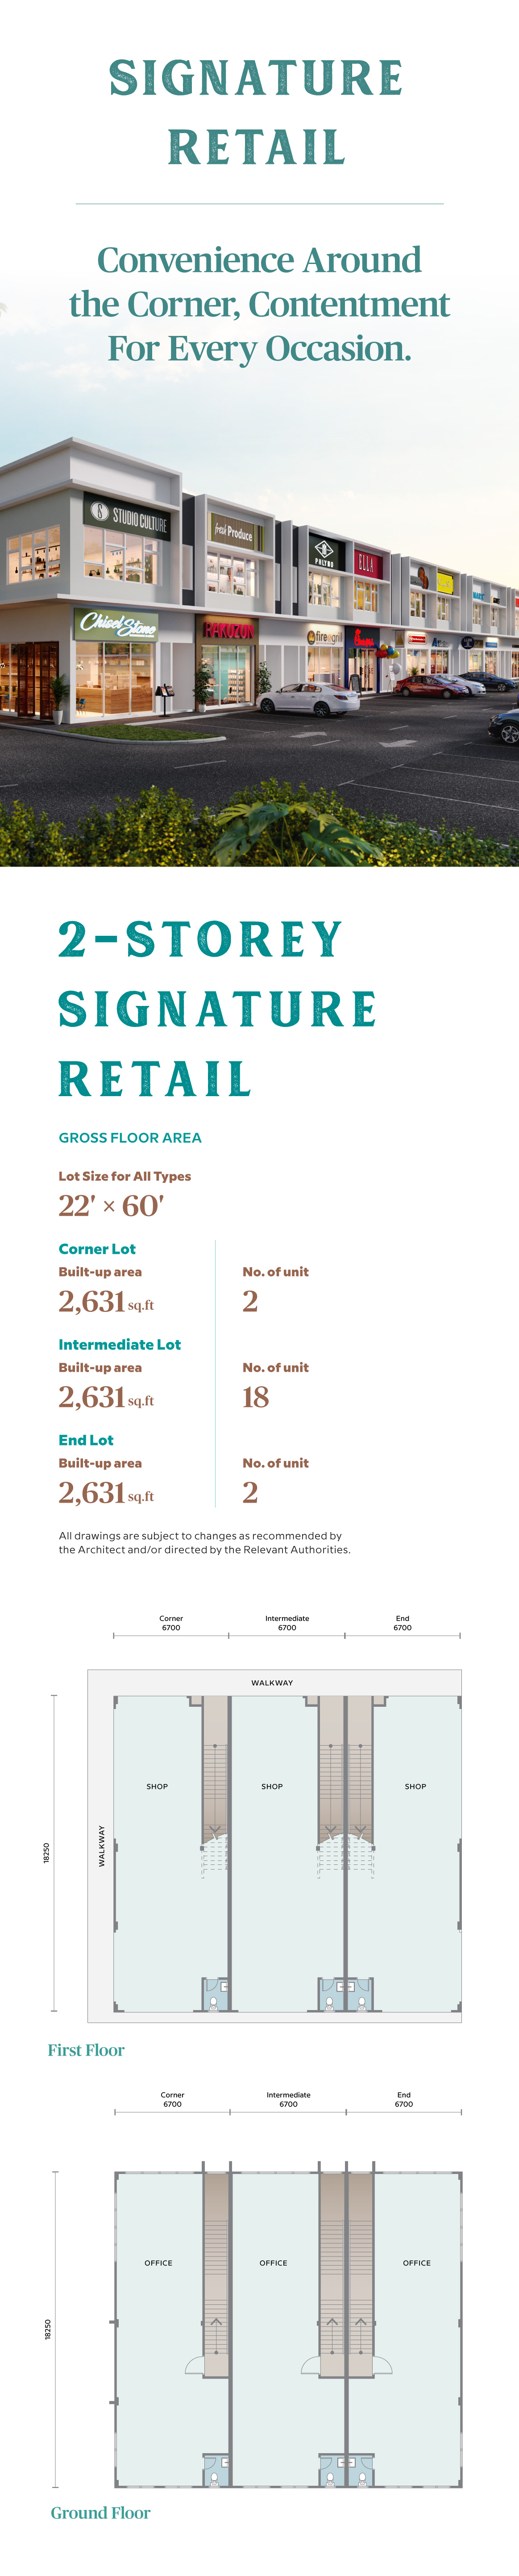 signature-retail-floor-plan-mobile